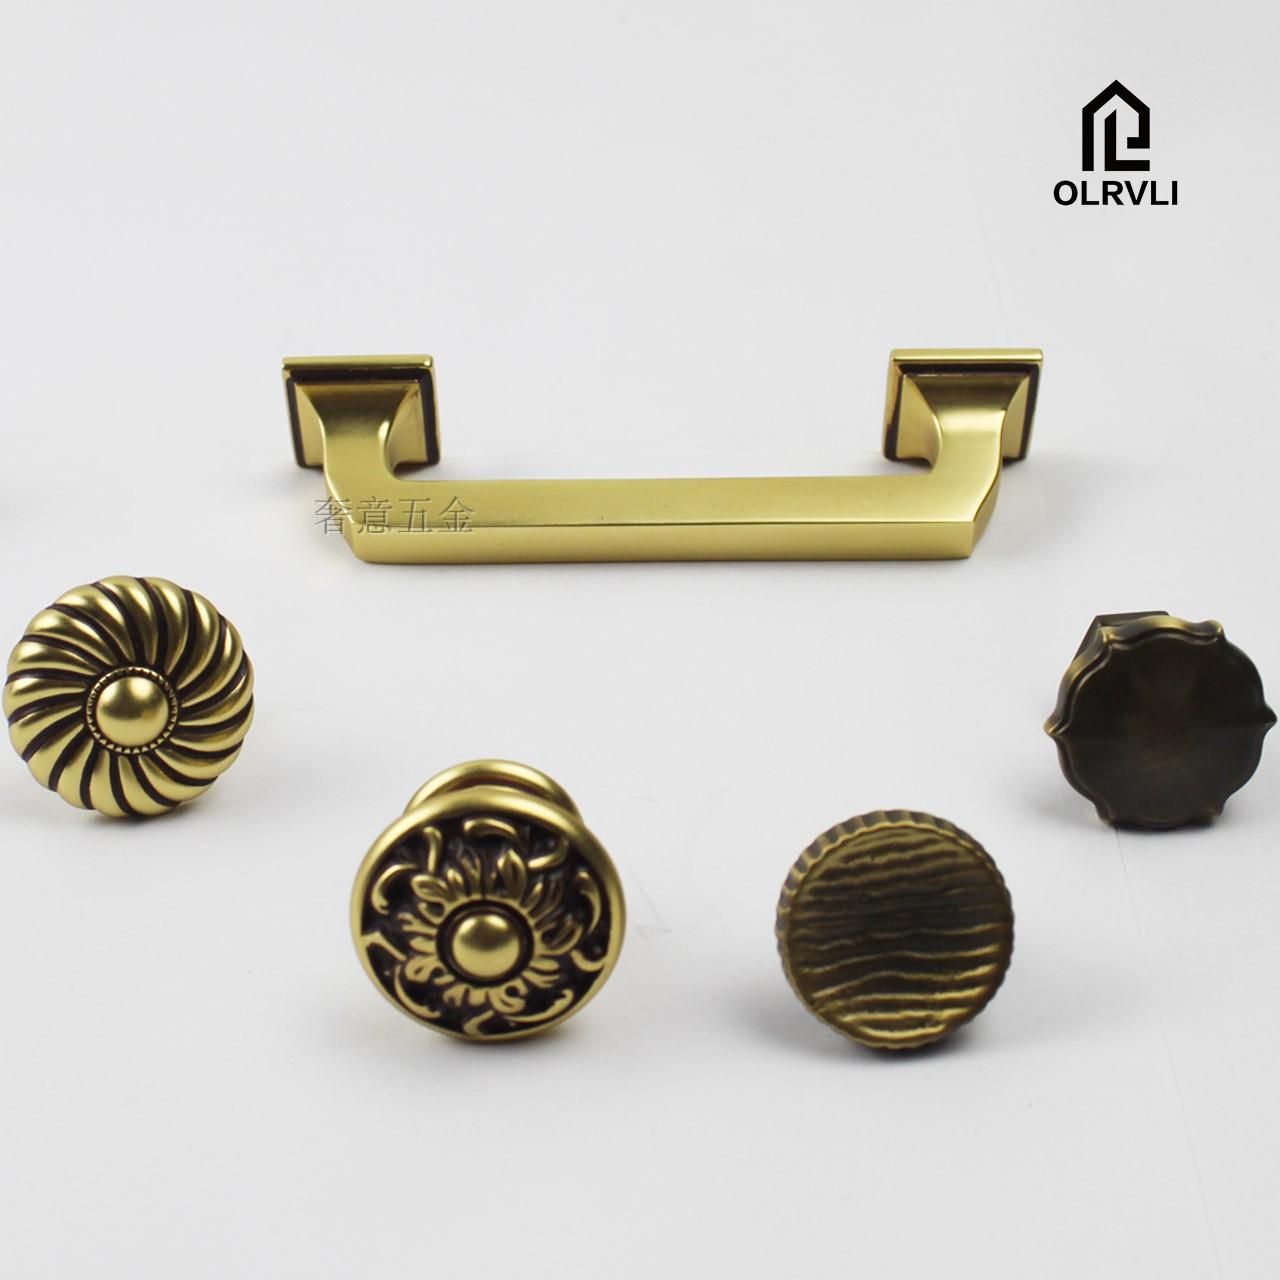 意大利OLRVLI厨房拉手黄铜简约锤纹拉手把手金色黑色古铜色门把